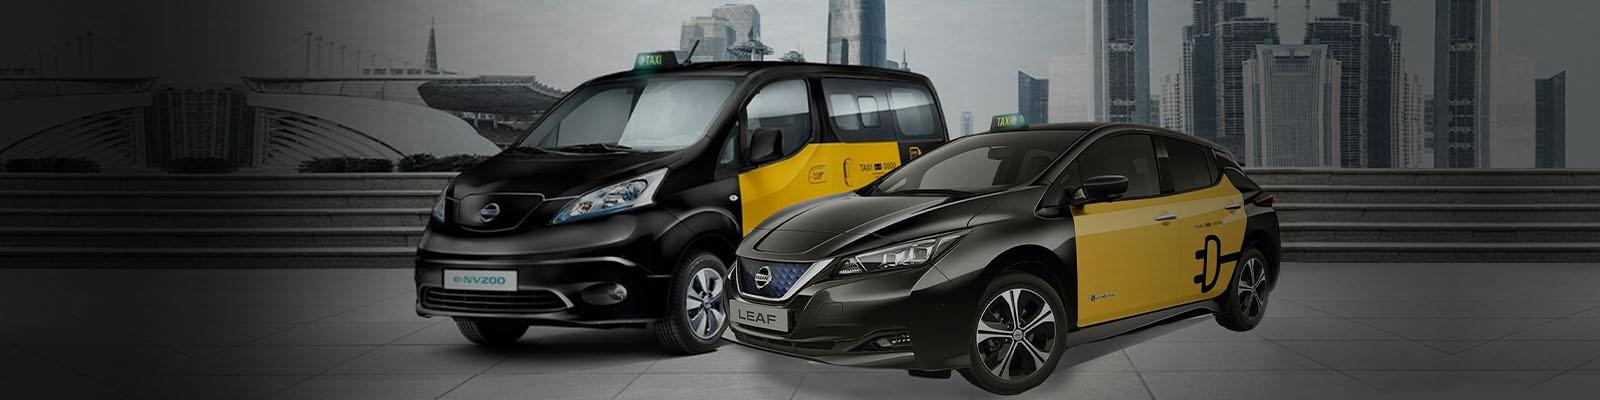 e-taxi de Nissan